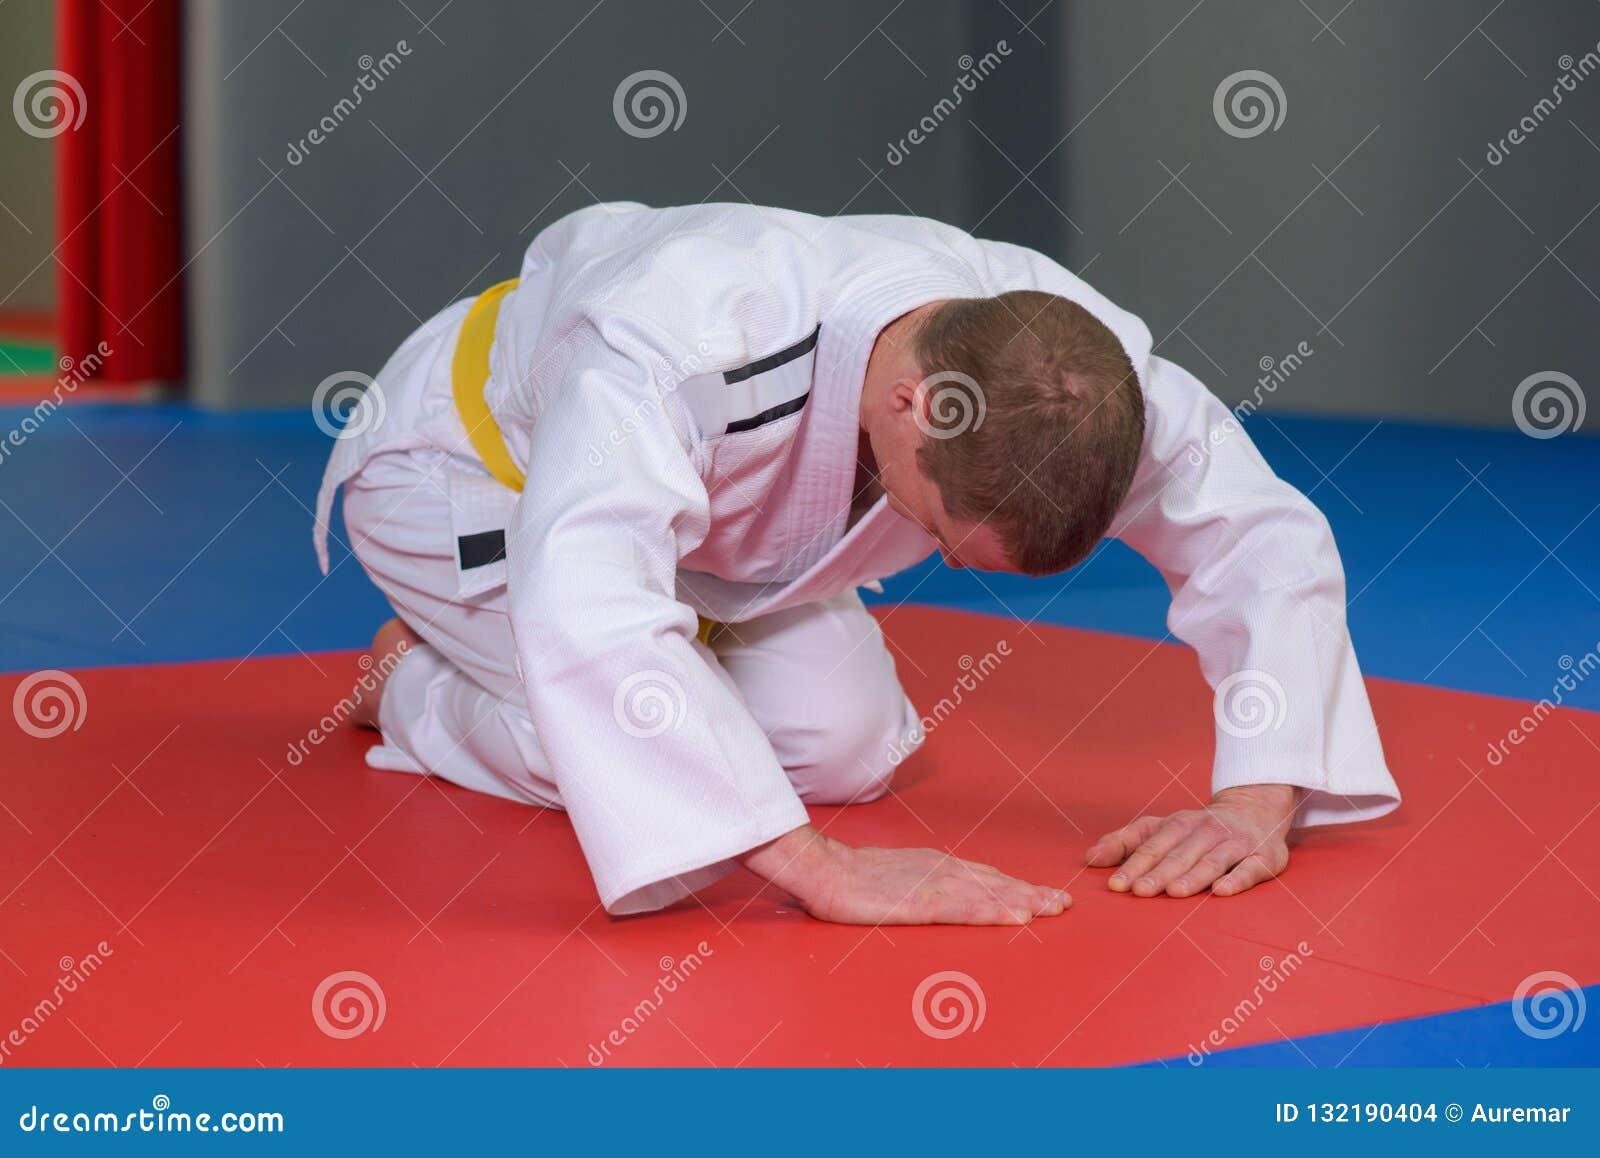 Uomo in kimono nella posizione piegata sul pavimento